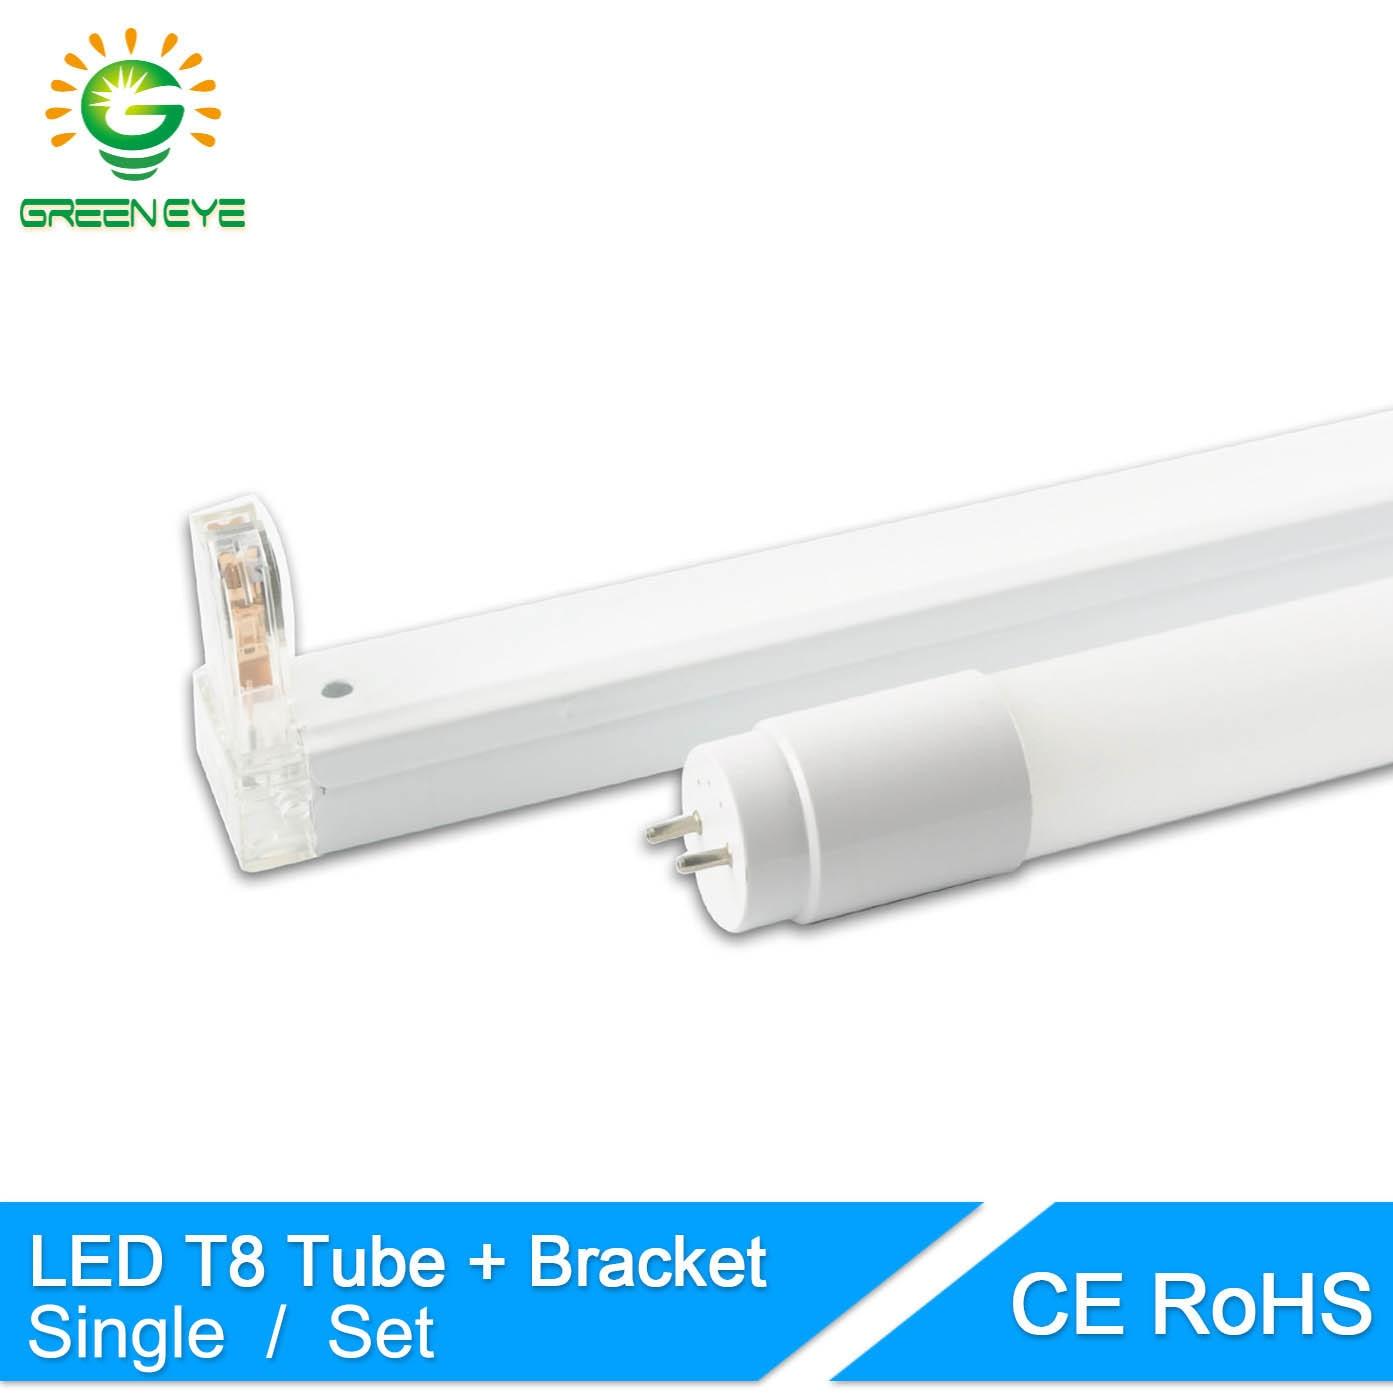 GreenEye 1set/single LED Tube T8 / Folding Fixtures